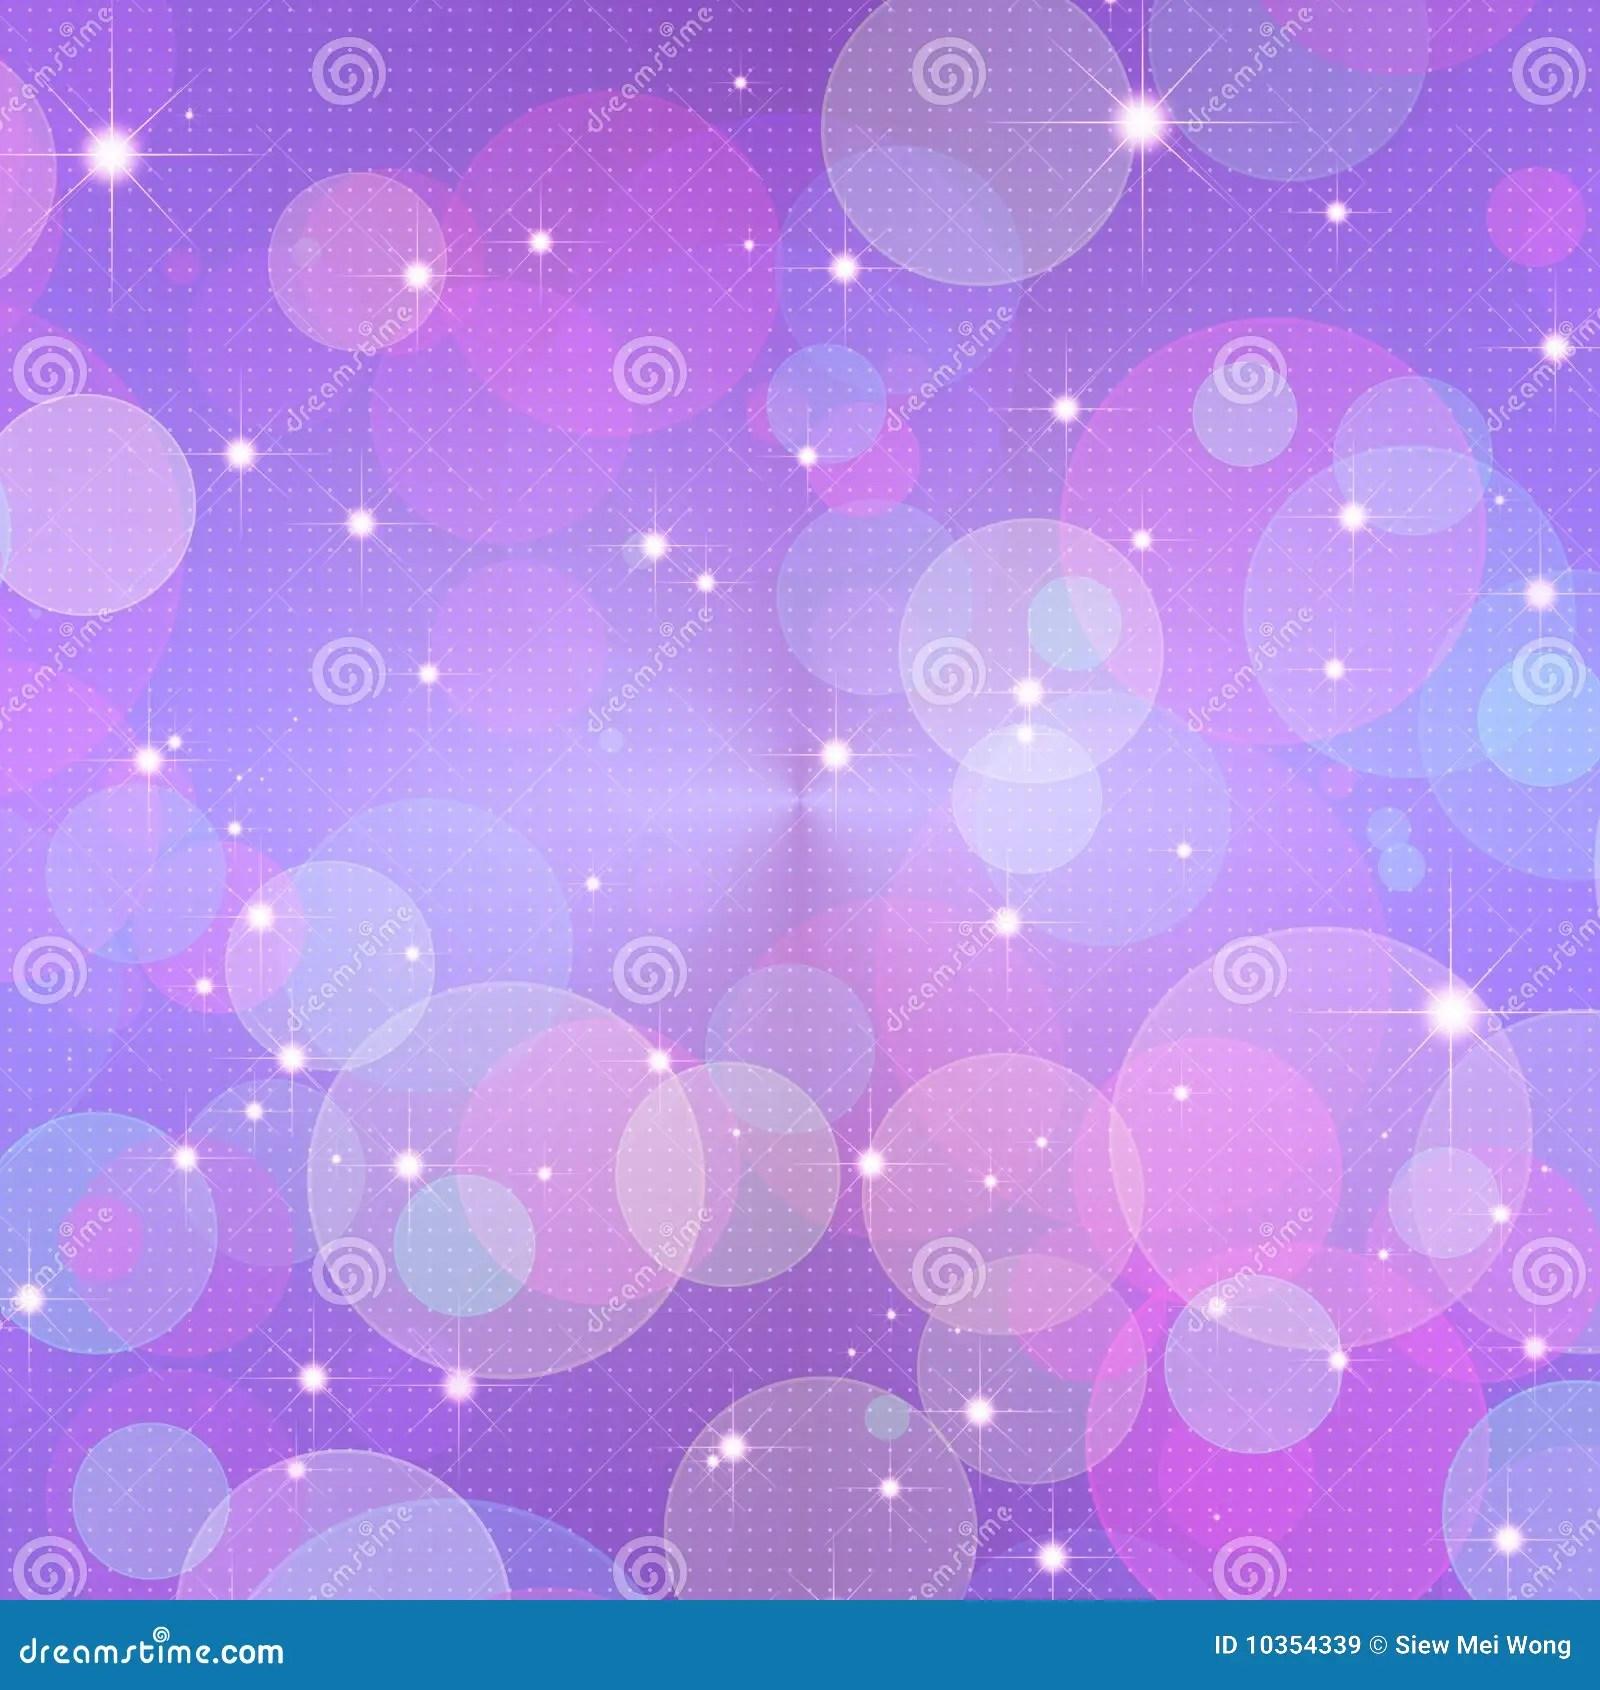 Cute Sparkly Pink Wallpapers Papel De Parede Roxo Abstrato Do Fundo Ilustra 231 227 O Stock